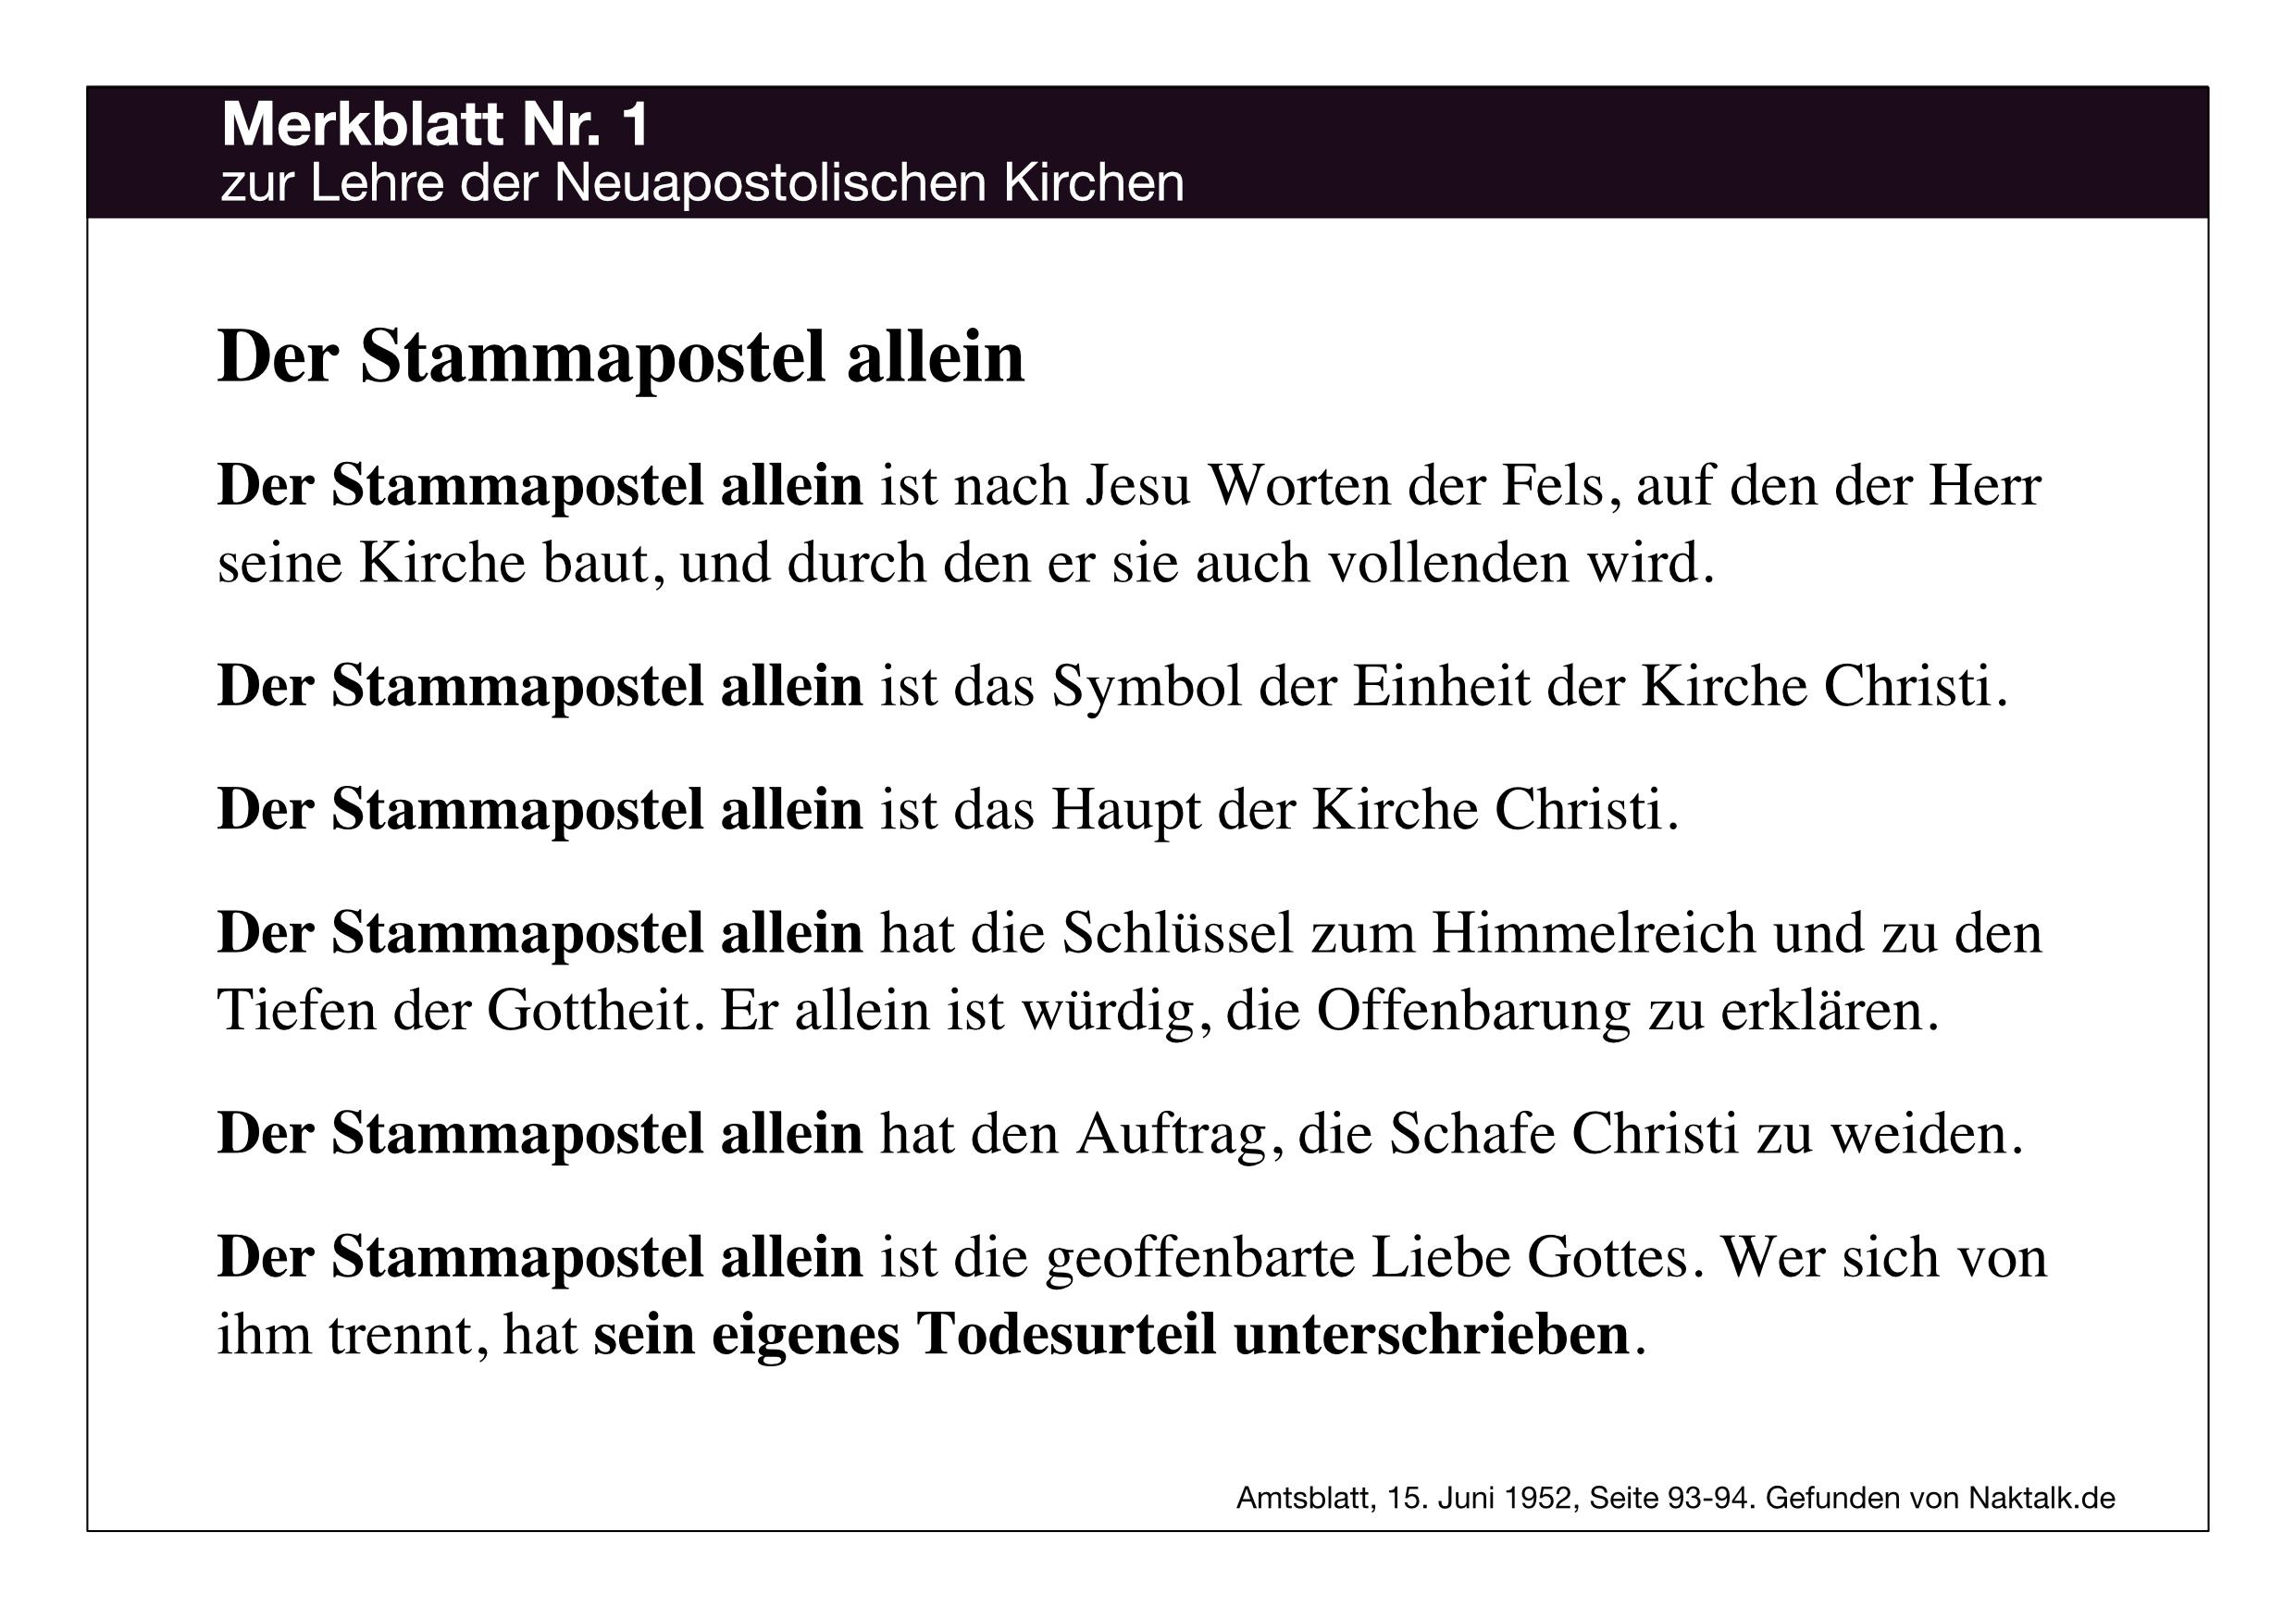 Merkblatt Nummer 1 zur Lehre der Neuapostolischen Kirche NAK: Der Stammapostel allein